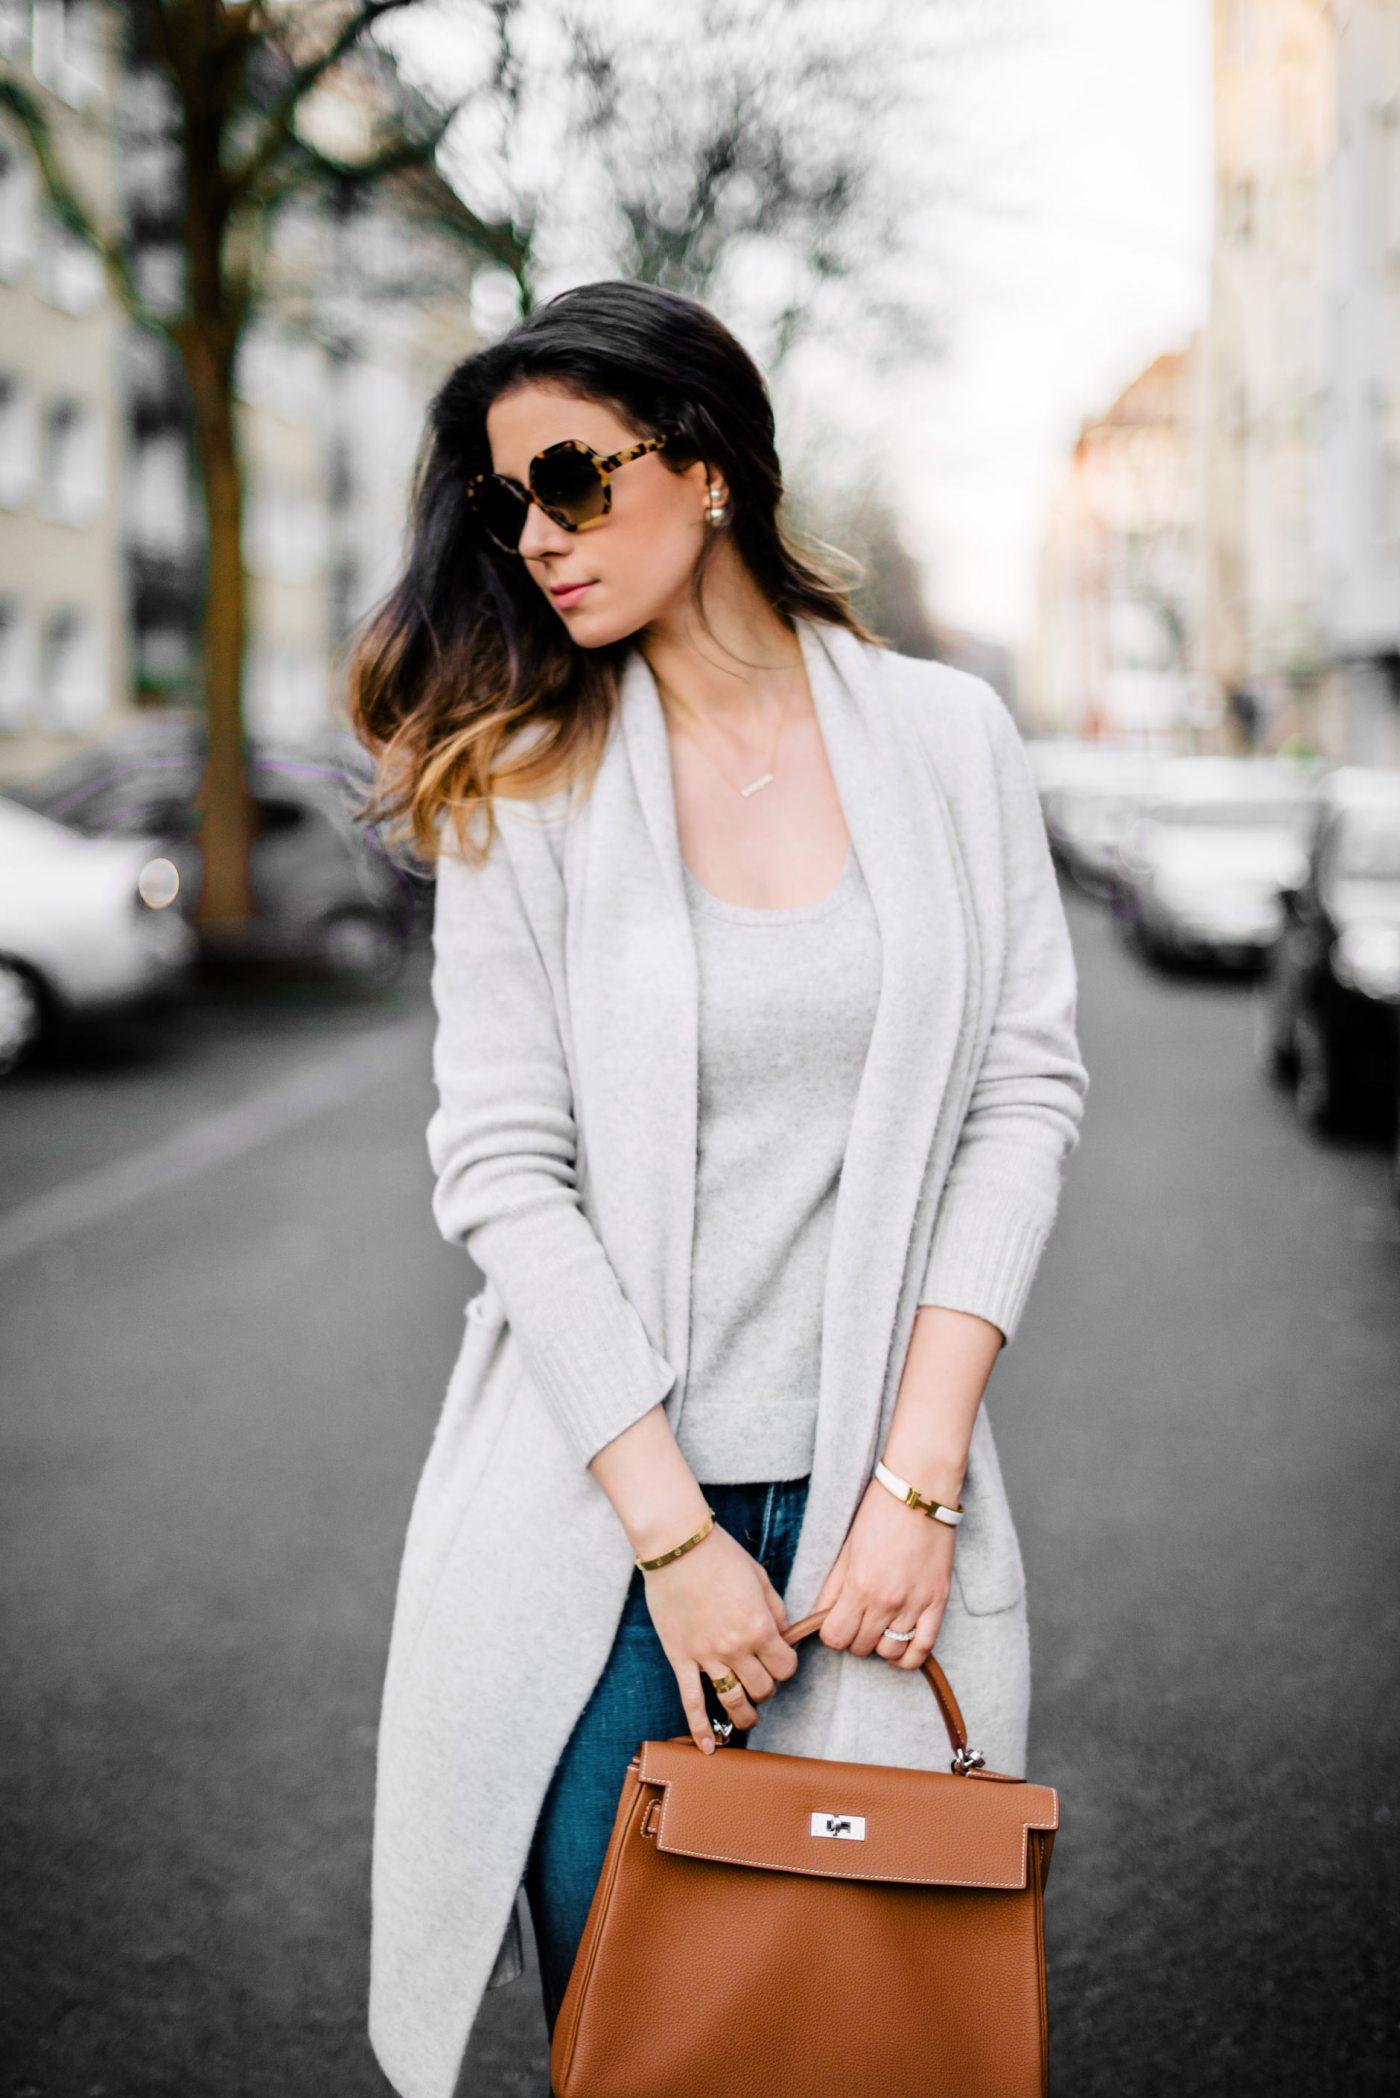 cashmere-coat-gold-kelly-bag-001